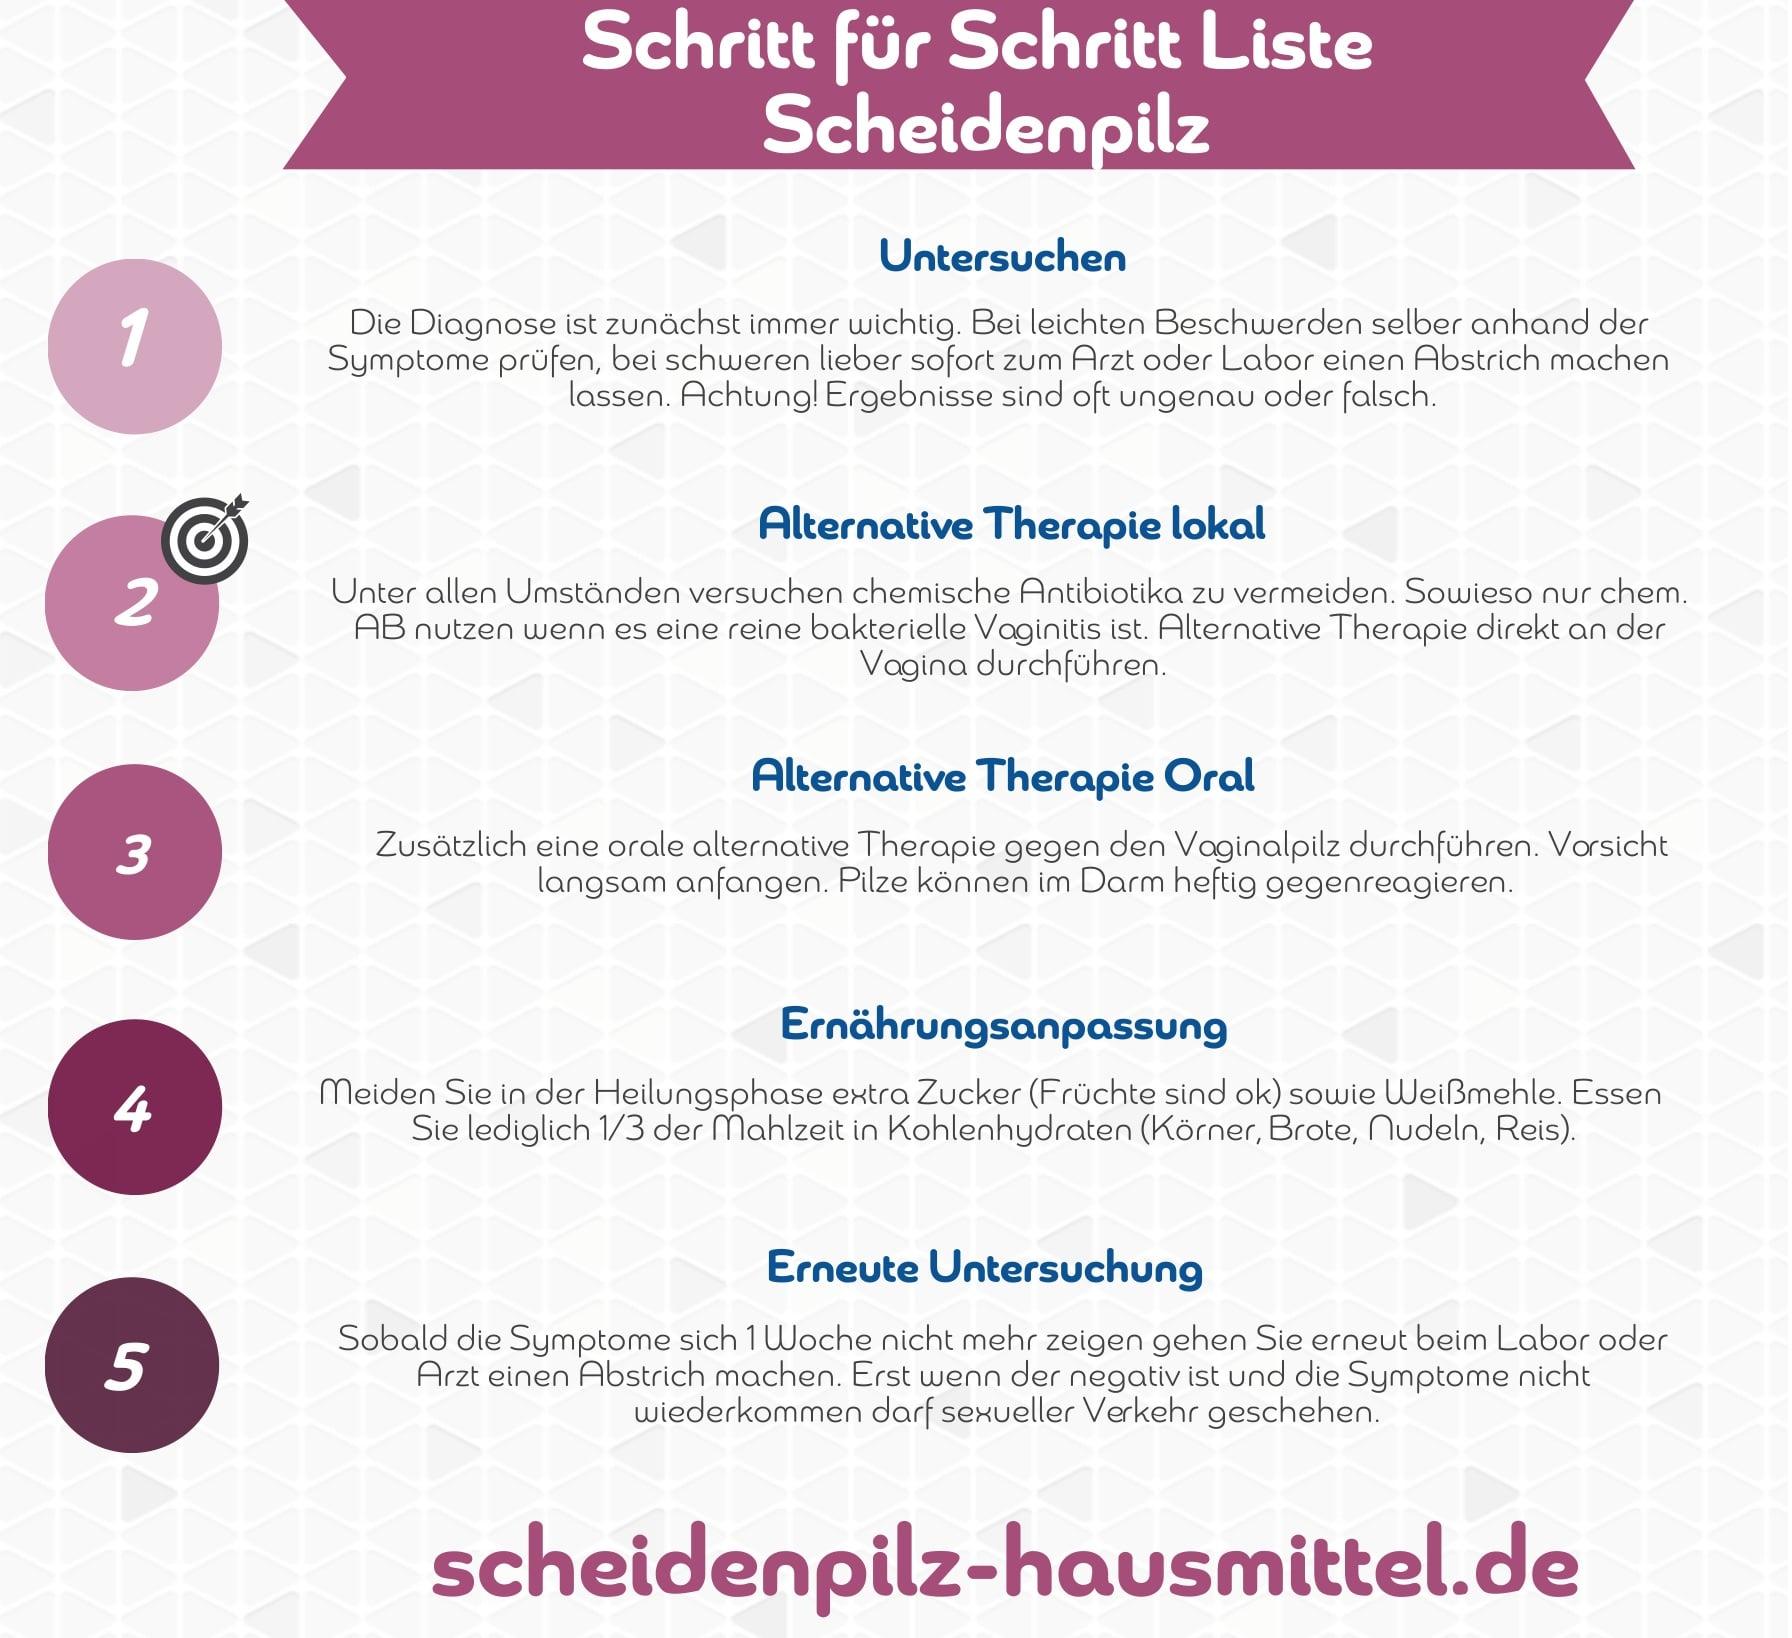 Scheidenpilz-Hausmittel-Infografik